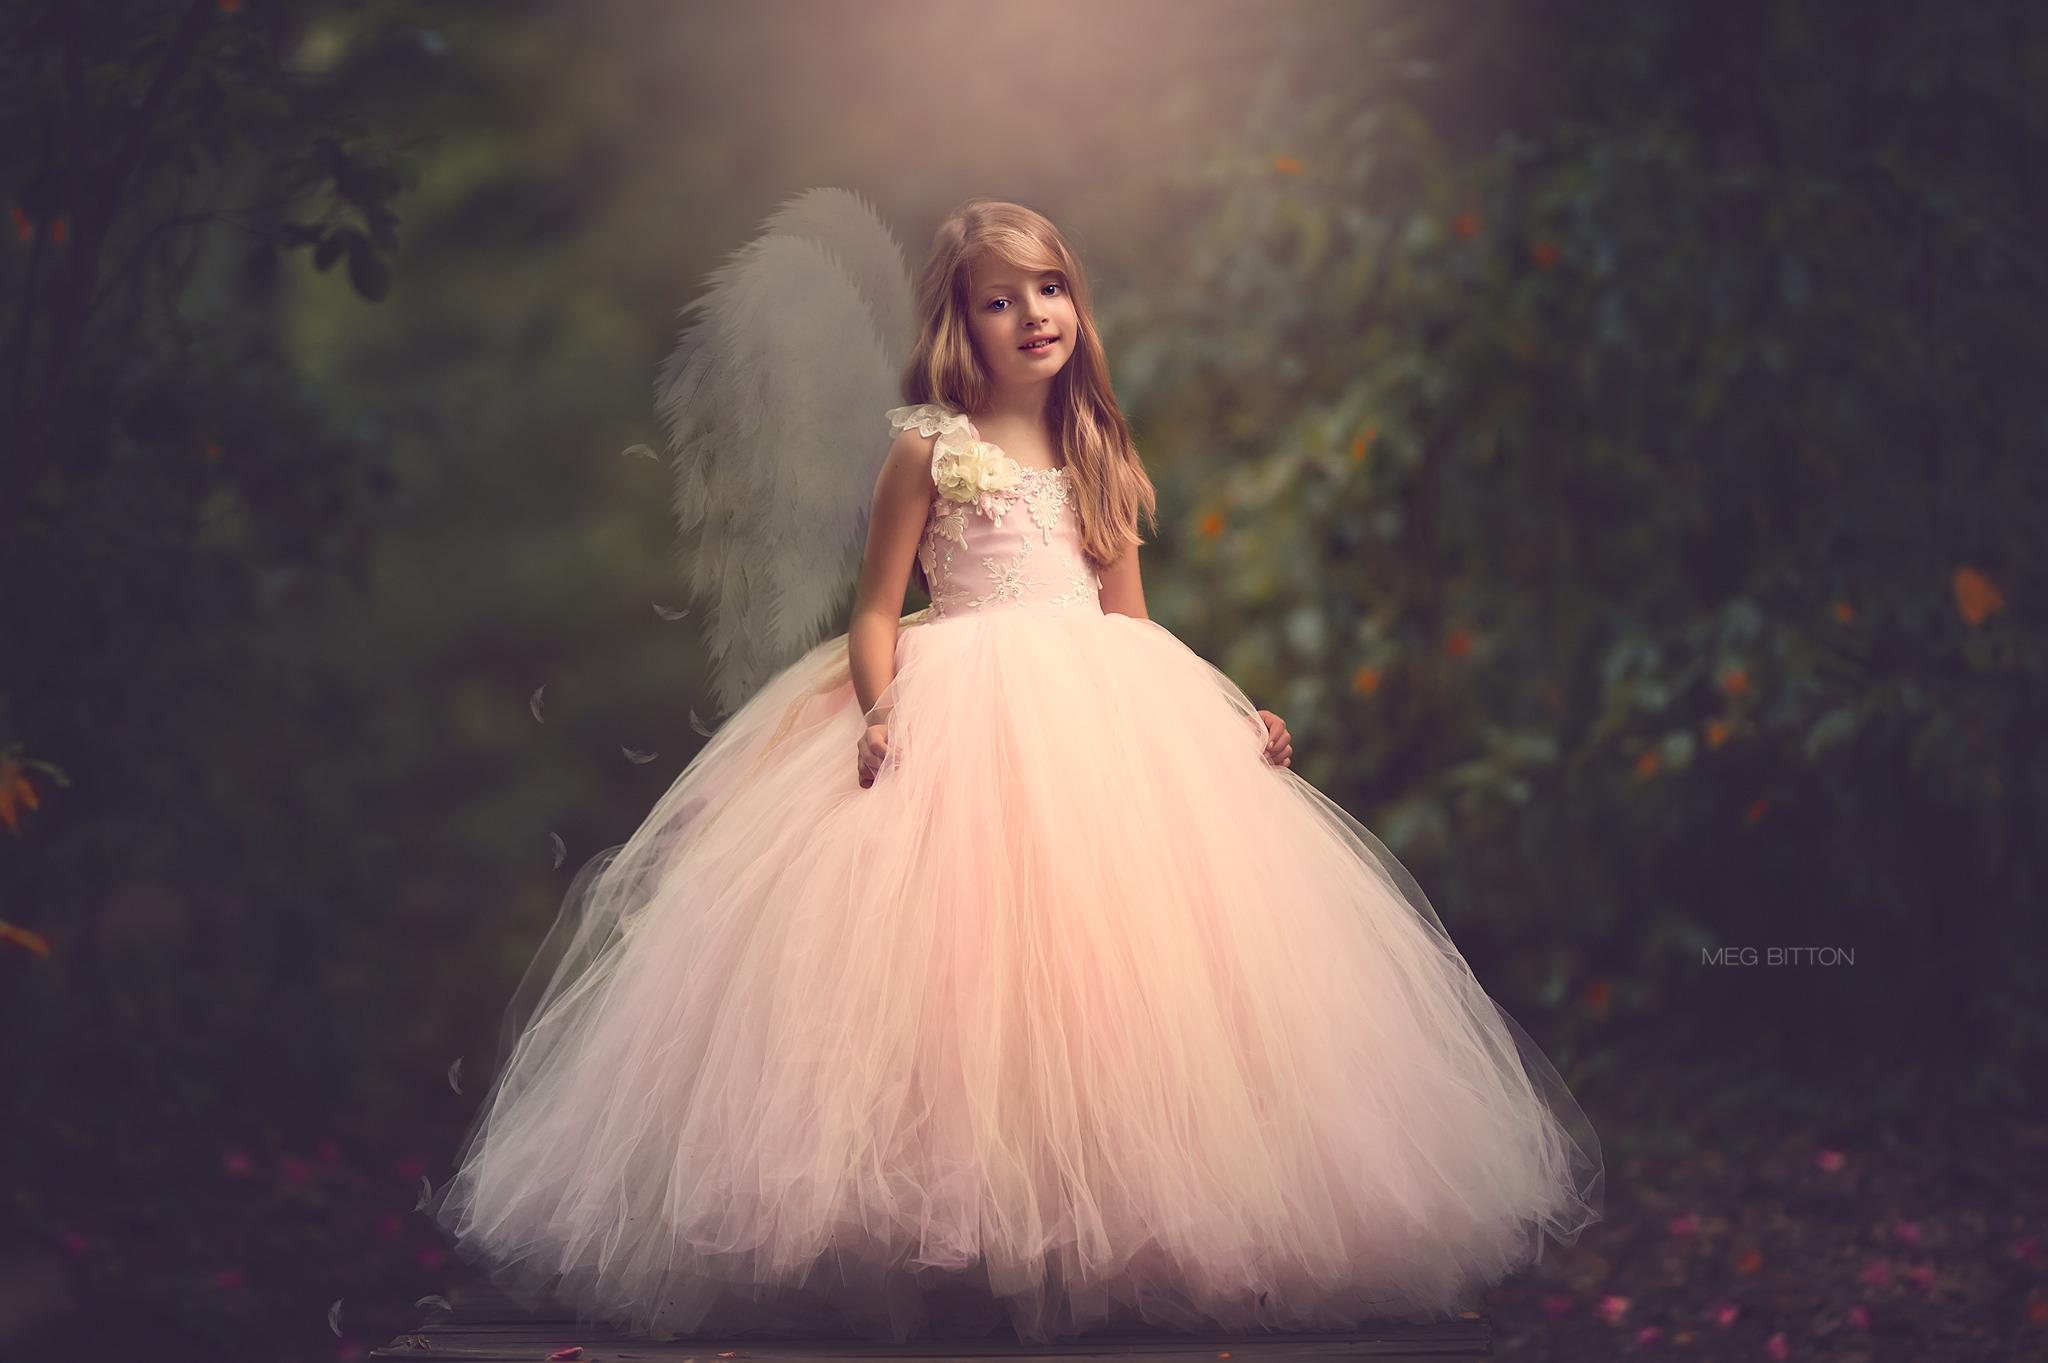 壁紙 小さな女の子 ドレス 子供 ダウンロード 写真